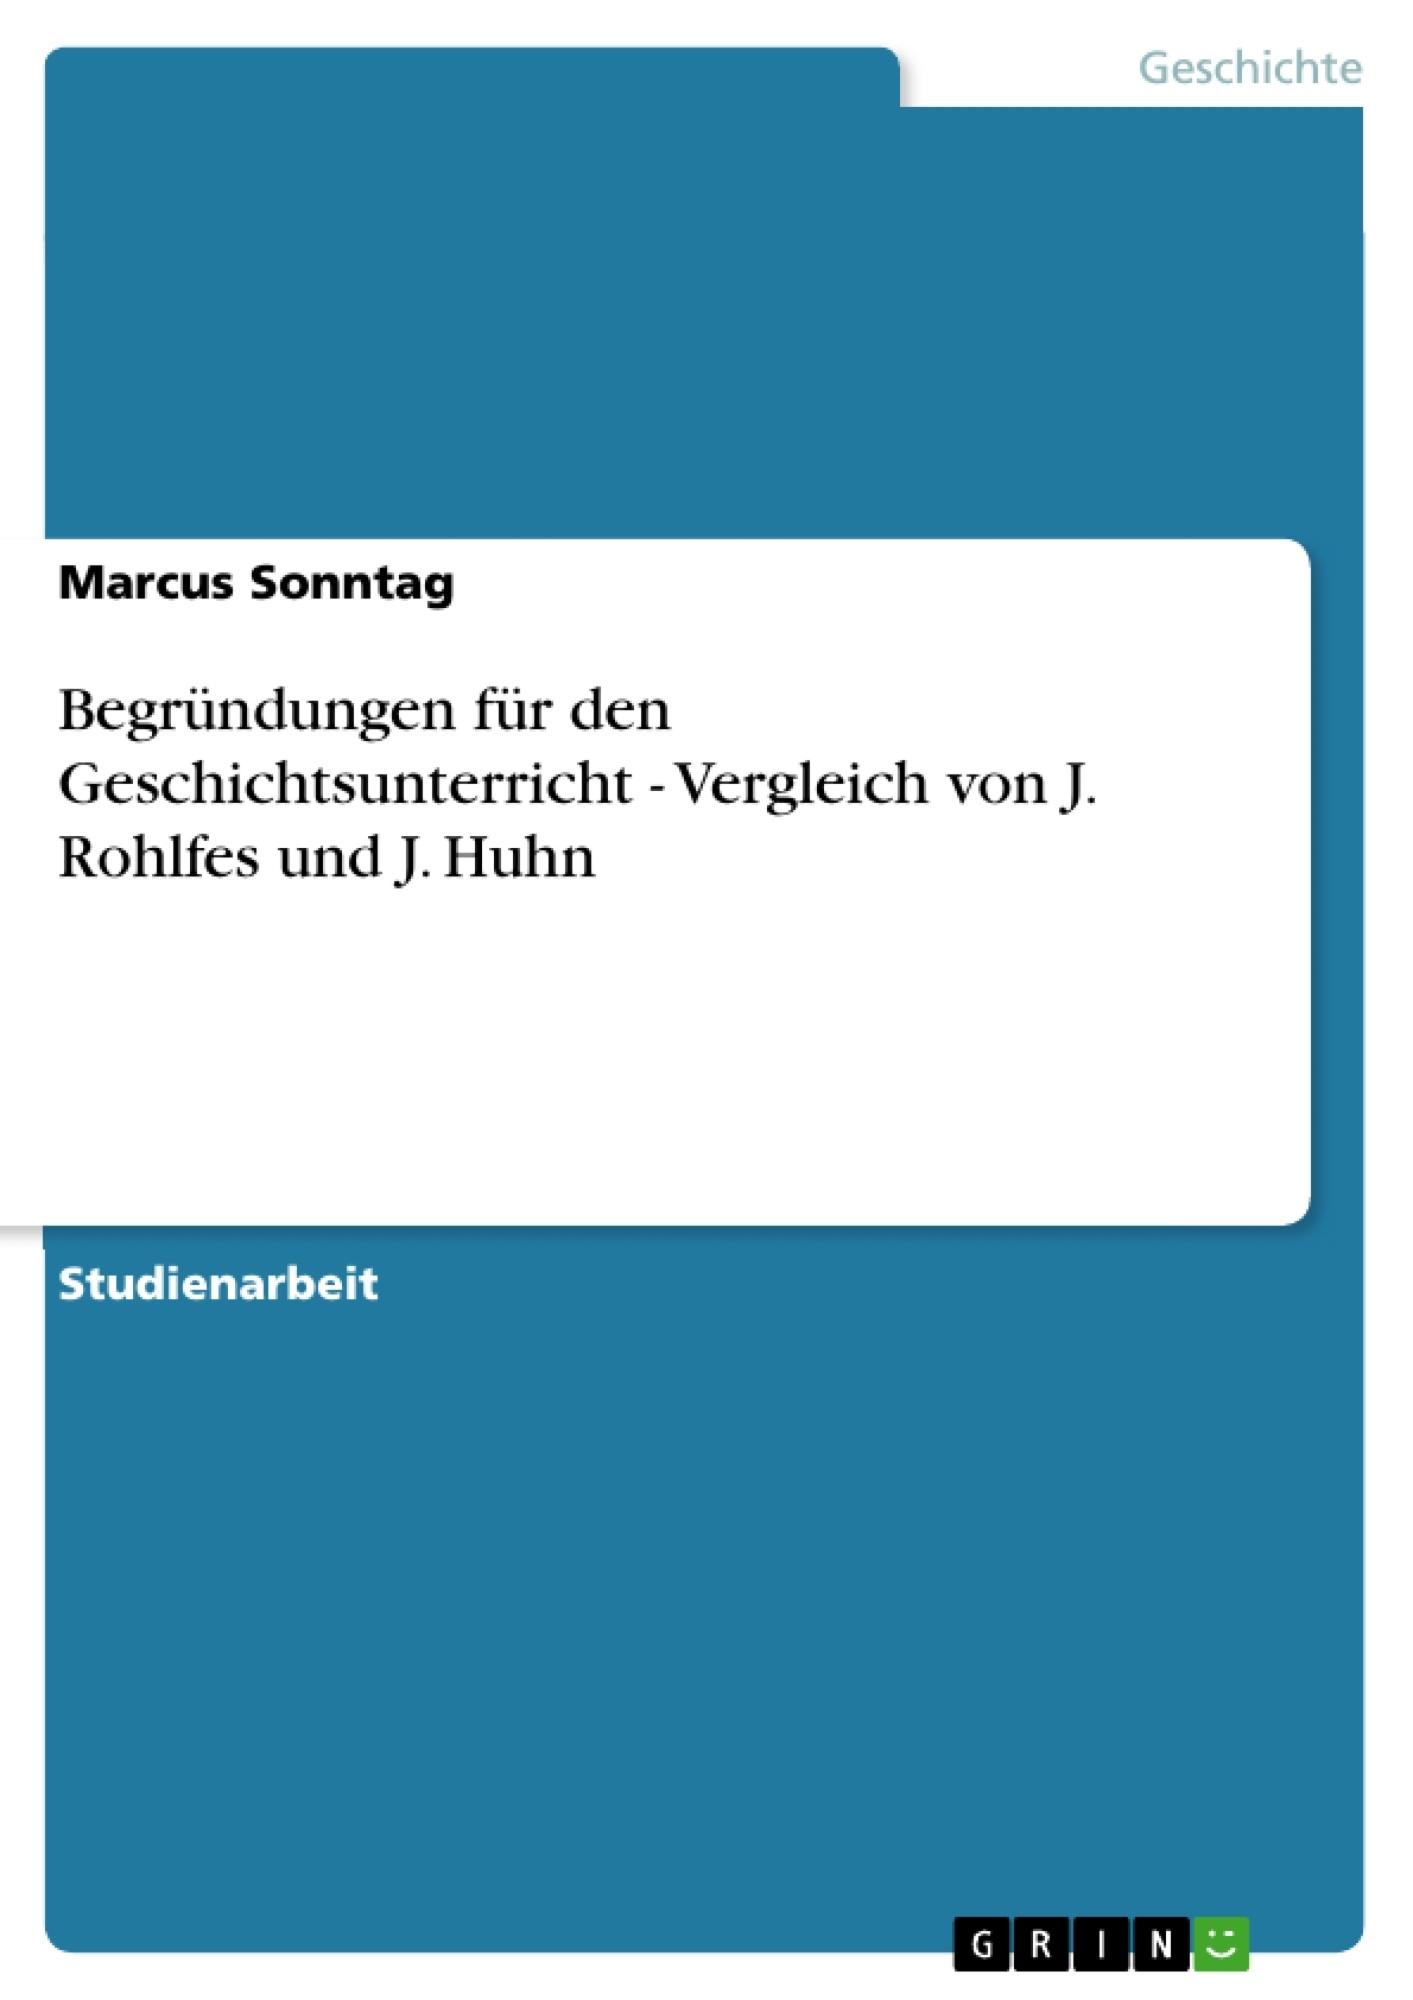 Titel: Begründungen für den Geschichtsunterricht - Vergleich von J. Rohlfes und J. Huhn